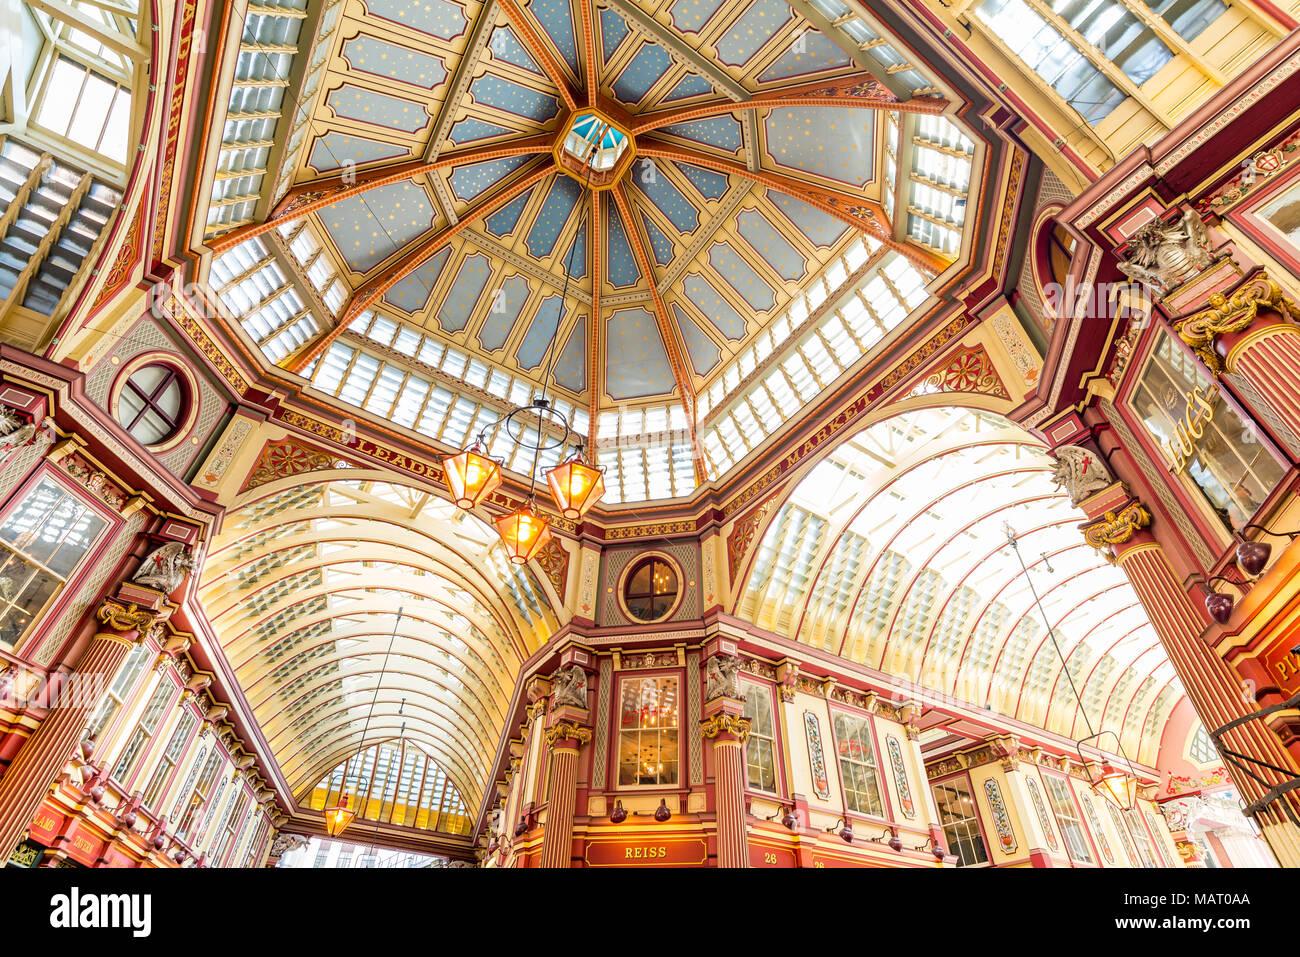 Leadenhall Market, City of London, UK Photo Stock